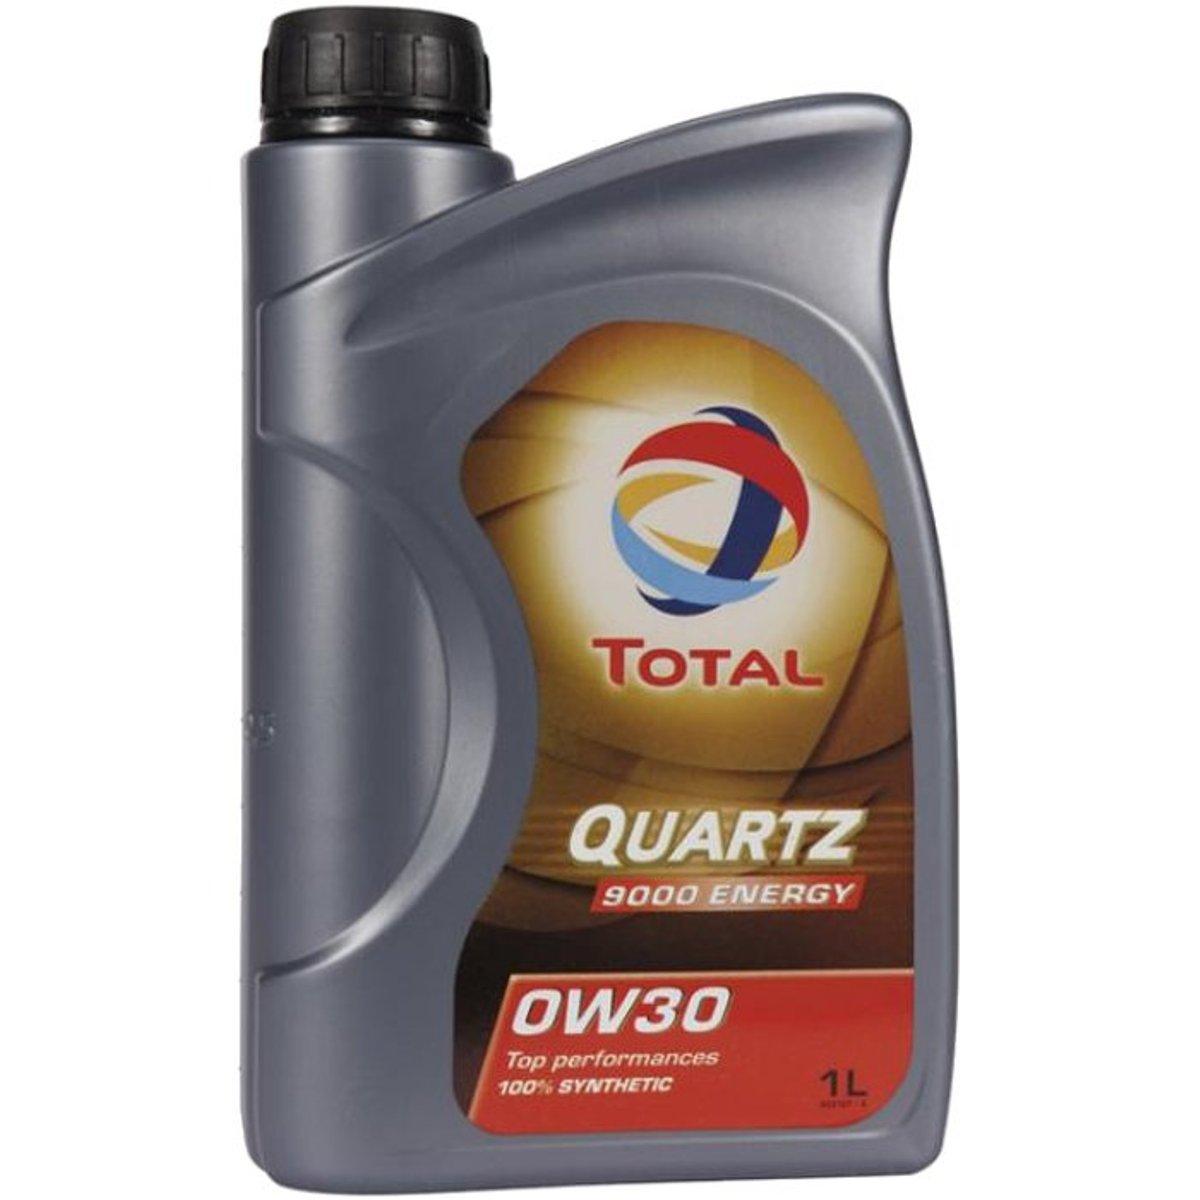 Моторное масло Total Quartz 9000 Energy 0W30, 1 л166249Полностью синтетическое моторное масло для бензиновых и дизельных двигателей легковых автомобилей. Обеспечивает чистоту двигателя, что позволяет сохранить его мощность. Total Quartz Energy 9000 0W-30 снижает потребление топлива и уменьшает содержание вредных веществ в выхлопных газах. данное масло обеспечивает оптимально долгий срок службы двигателя благодаря отличным противоизносным свойствам, обеспечивающим защиту наиболее уязвимых узлов двигателя. Масло содержит моюще-диспергирующие присадки, поддерживающие чистоту в двигателе и его уровень эксплуатационных свойств, таким образом, сохраняя его мощность. Данное моторное масло может применяться в самых жестких условиях эксплуатации (городской трафик, движение по автомагистрали) и подходит для всех стилей вождения, в особенности спортивной или агрессивной езды, независимо от сезона.Эксплуатационные свойства масла превосходят технические требования крупнейших автопроизводителей, таким образом, данное масло подходит, по крайней мере, для 15 различных марок автомобилей. Спецификации производителей автомобилей:BMW Longlife-01 / BMW LL-01, GM-LL-A-025, VW/AUDI 502 00, VW/AUDI 505 00, MB Approval 229.3 / MB 229.3, MB Approval 229.5 / MB 229.5.